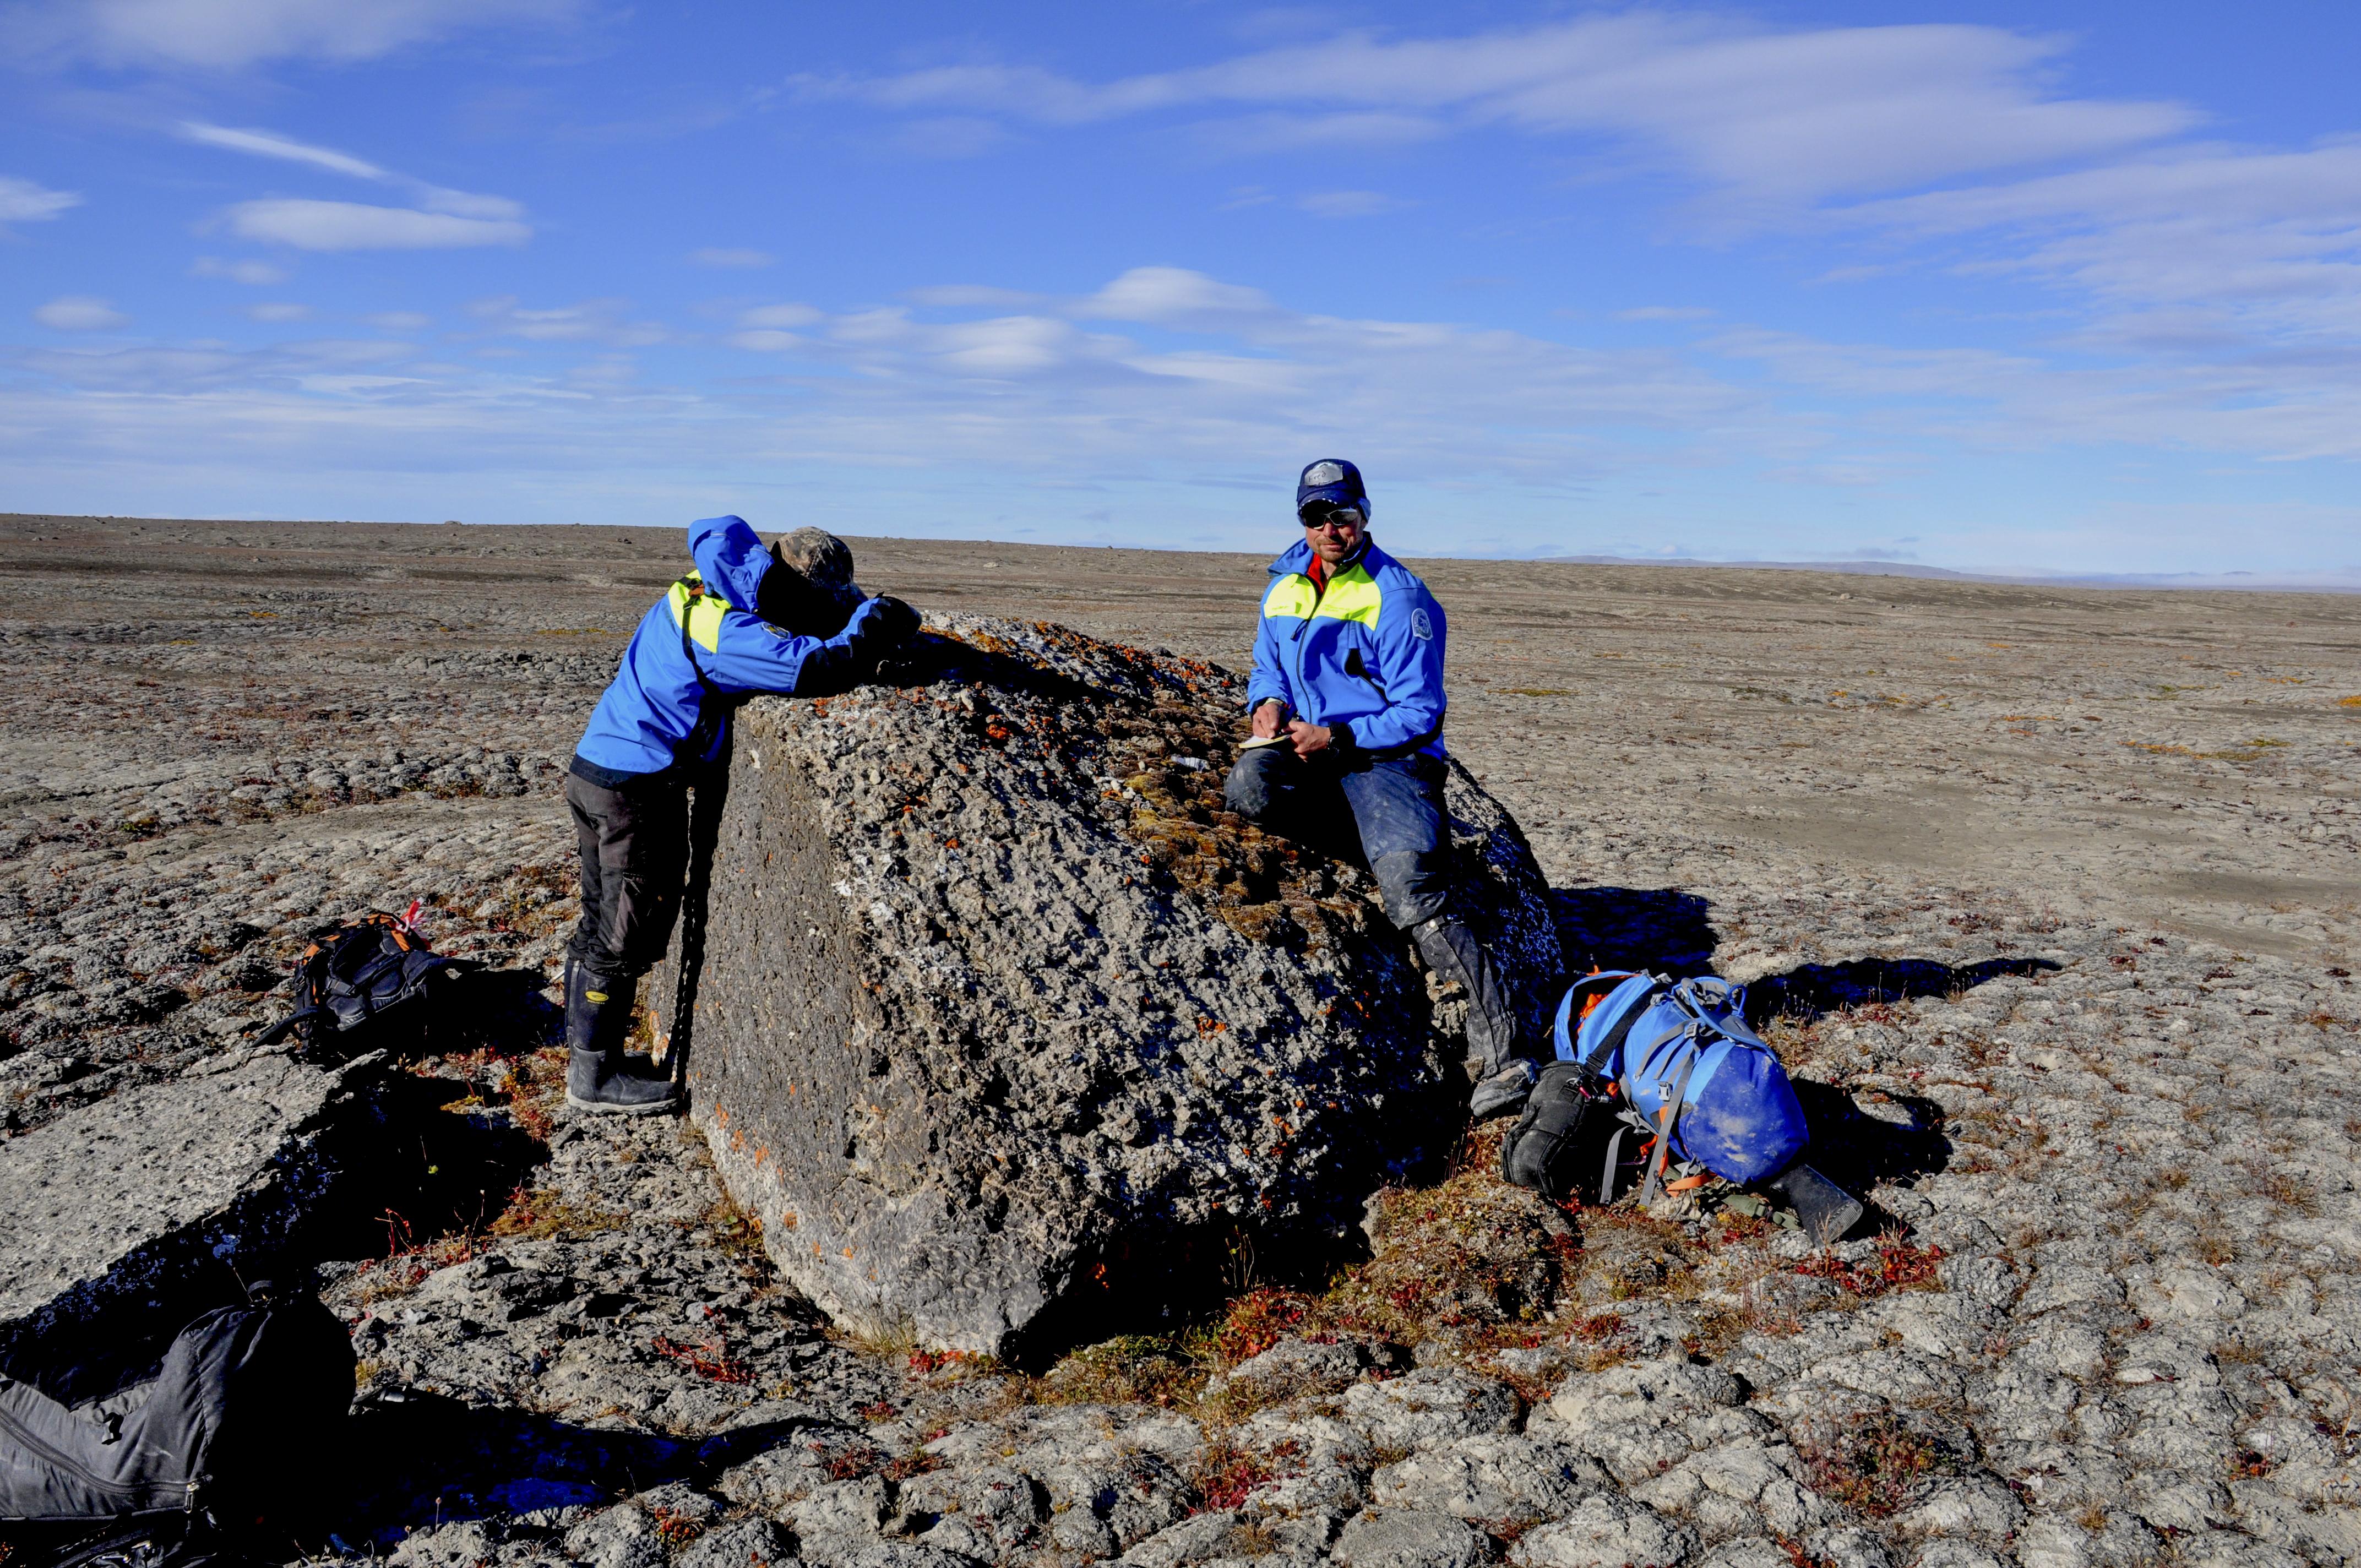 Undersöker en sten med spår från fjälluggla. Foto: Åsa Lindgren